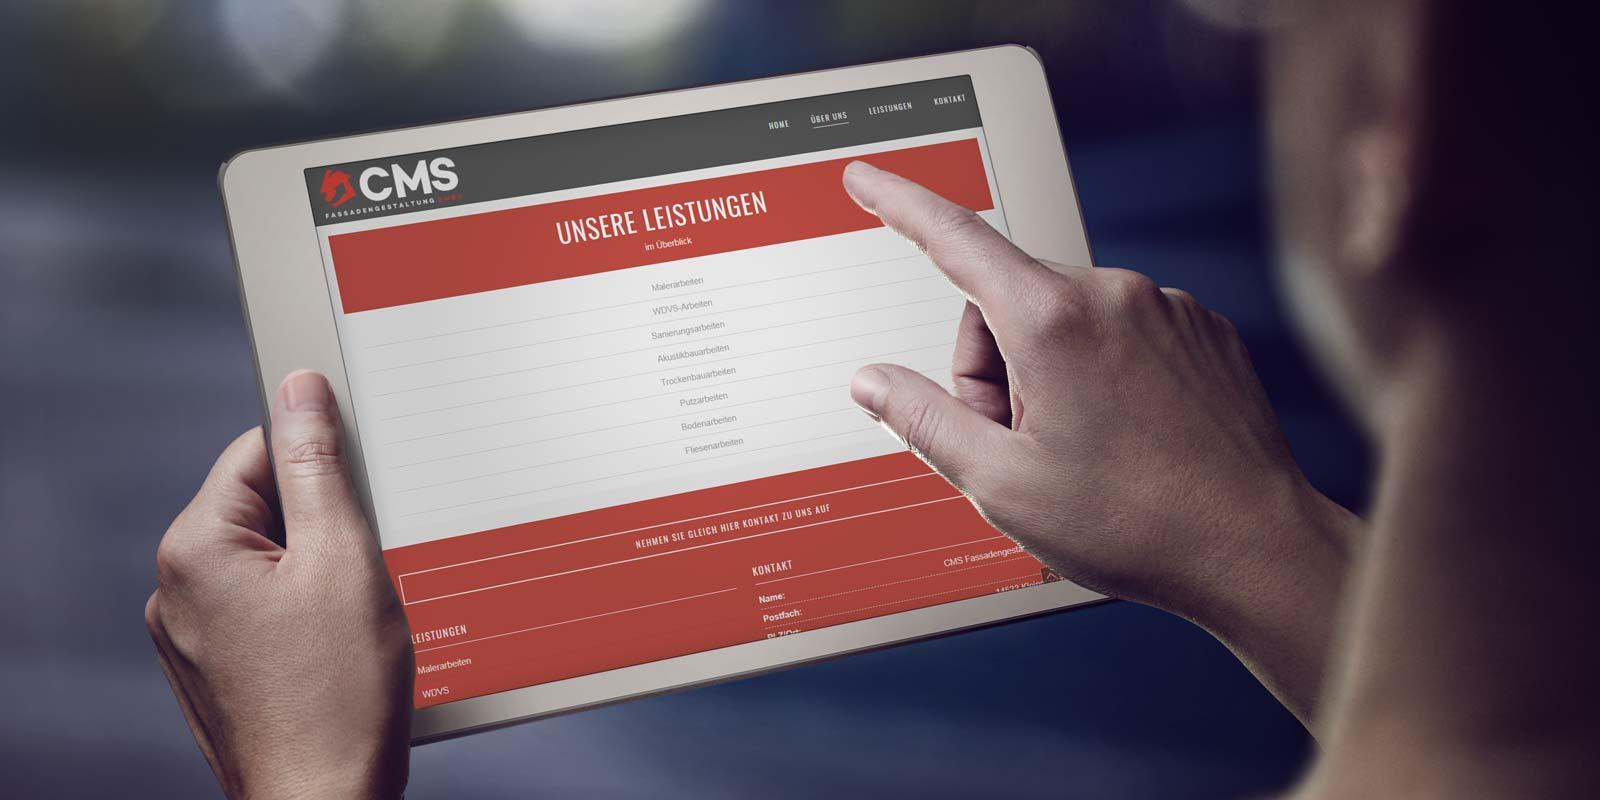 Werbeagentur MAPO-Marketing Potsdam, Responsive Webdesign für CMS Fassadengestaltung GmbH